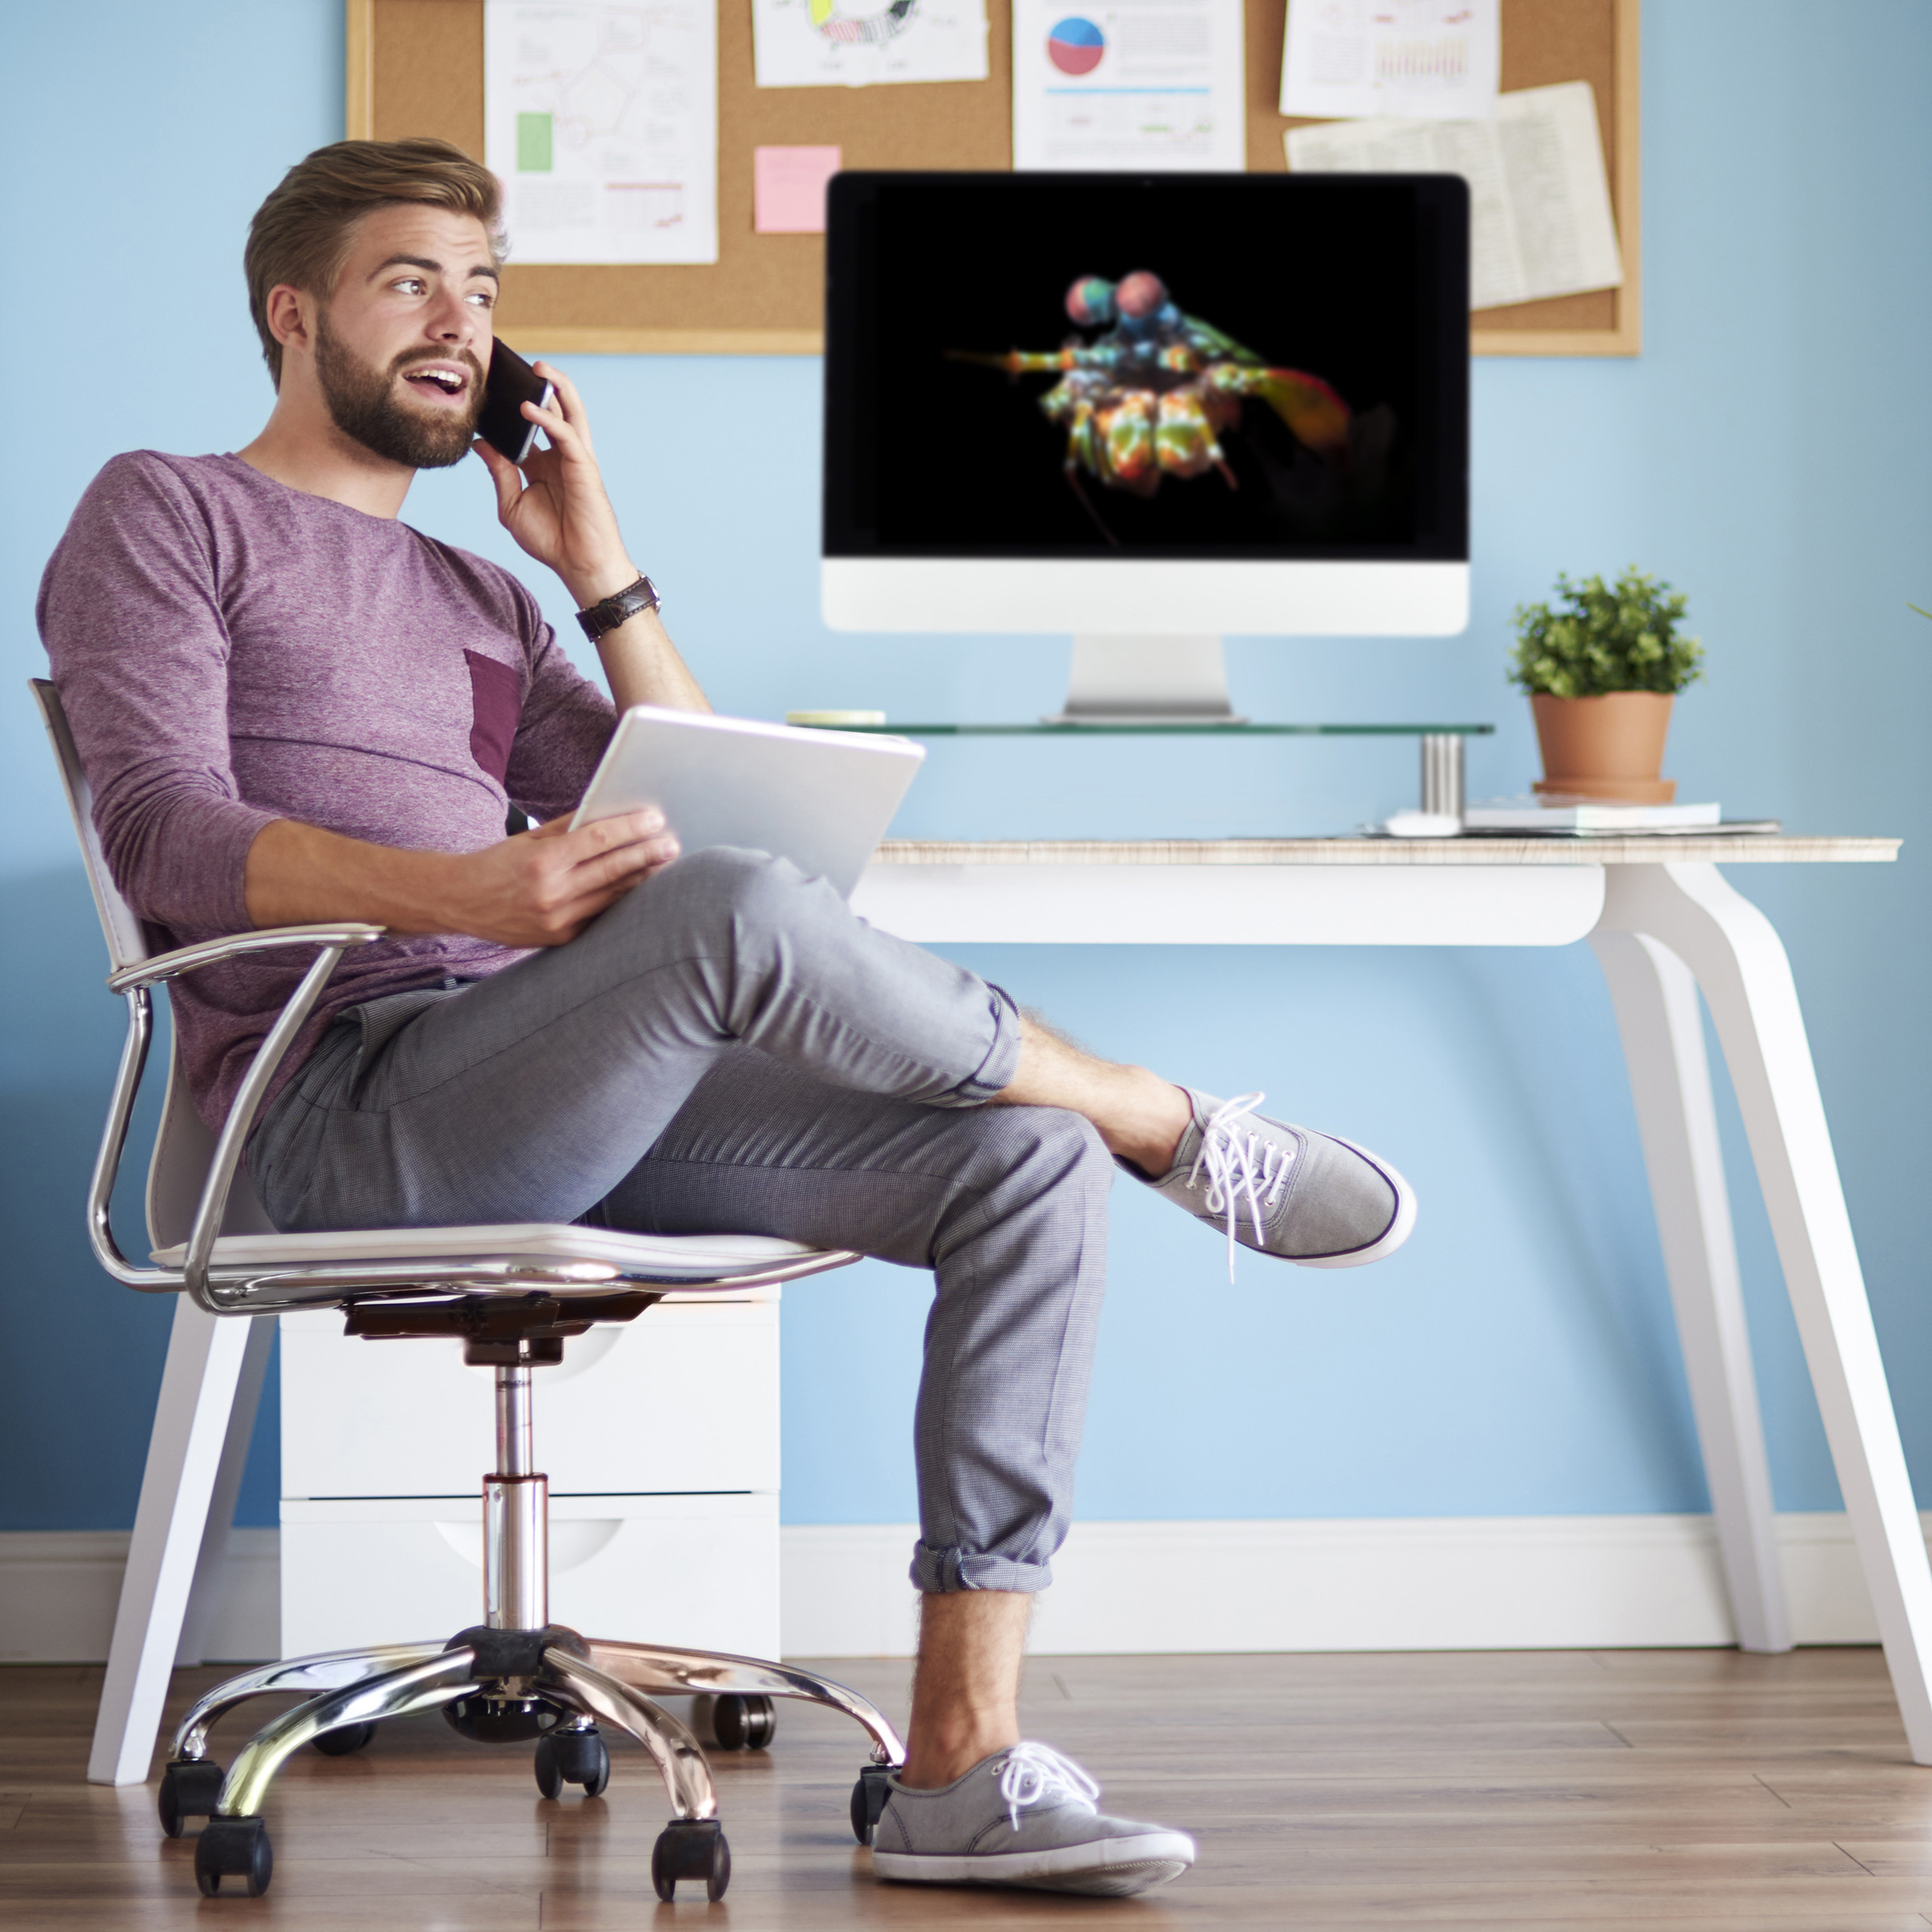 Bildschirmständer Glas Fernseherhöhung Monitorständer TV Aufsatz Monitortisch